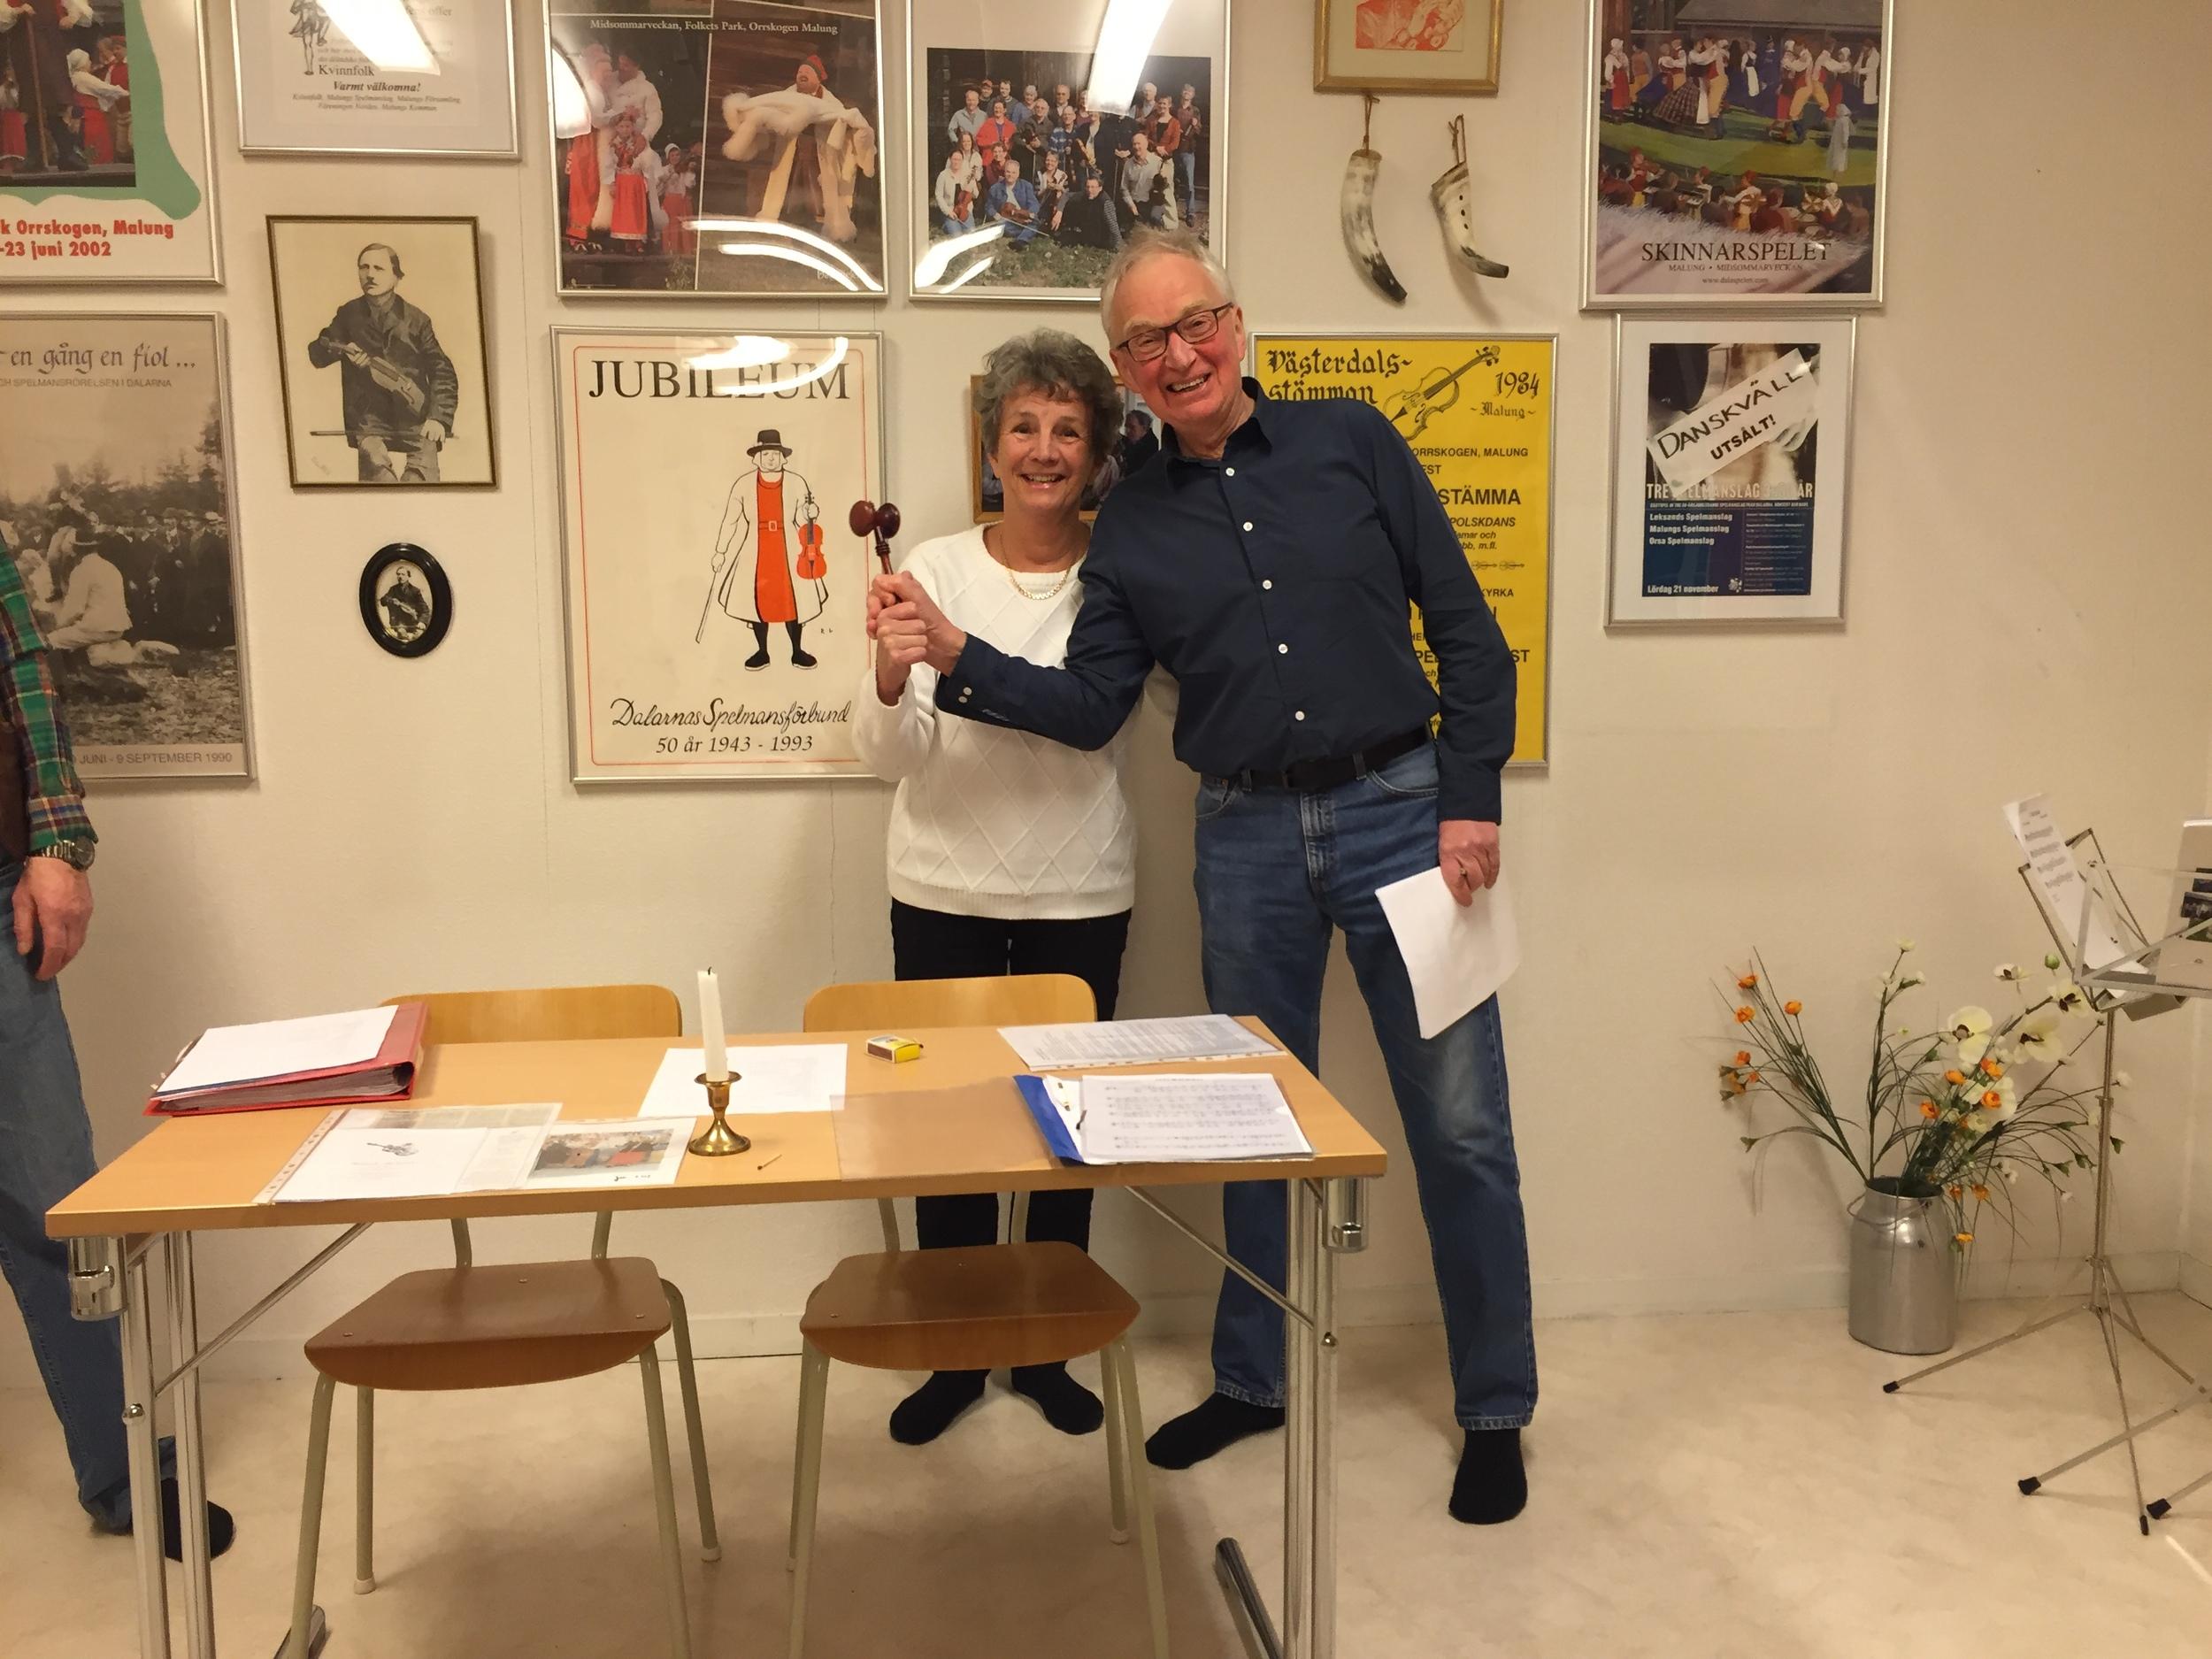 Annie Gunnarsson lämnar över ordförandeklubban till Hans Bohm vid årsmötet med Malungs spelmanslag. Foto: HANS-OLOV JOHNSSON